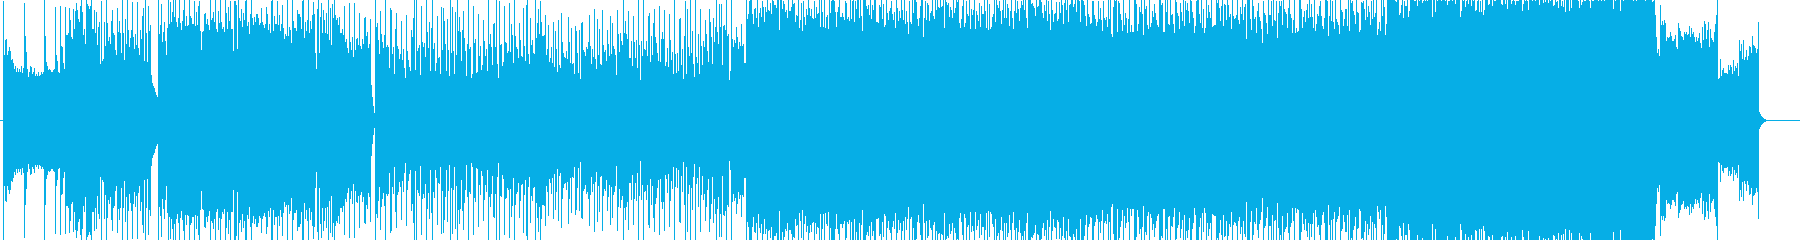 激しいオルタナティブロックの再生済みの波形